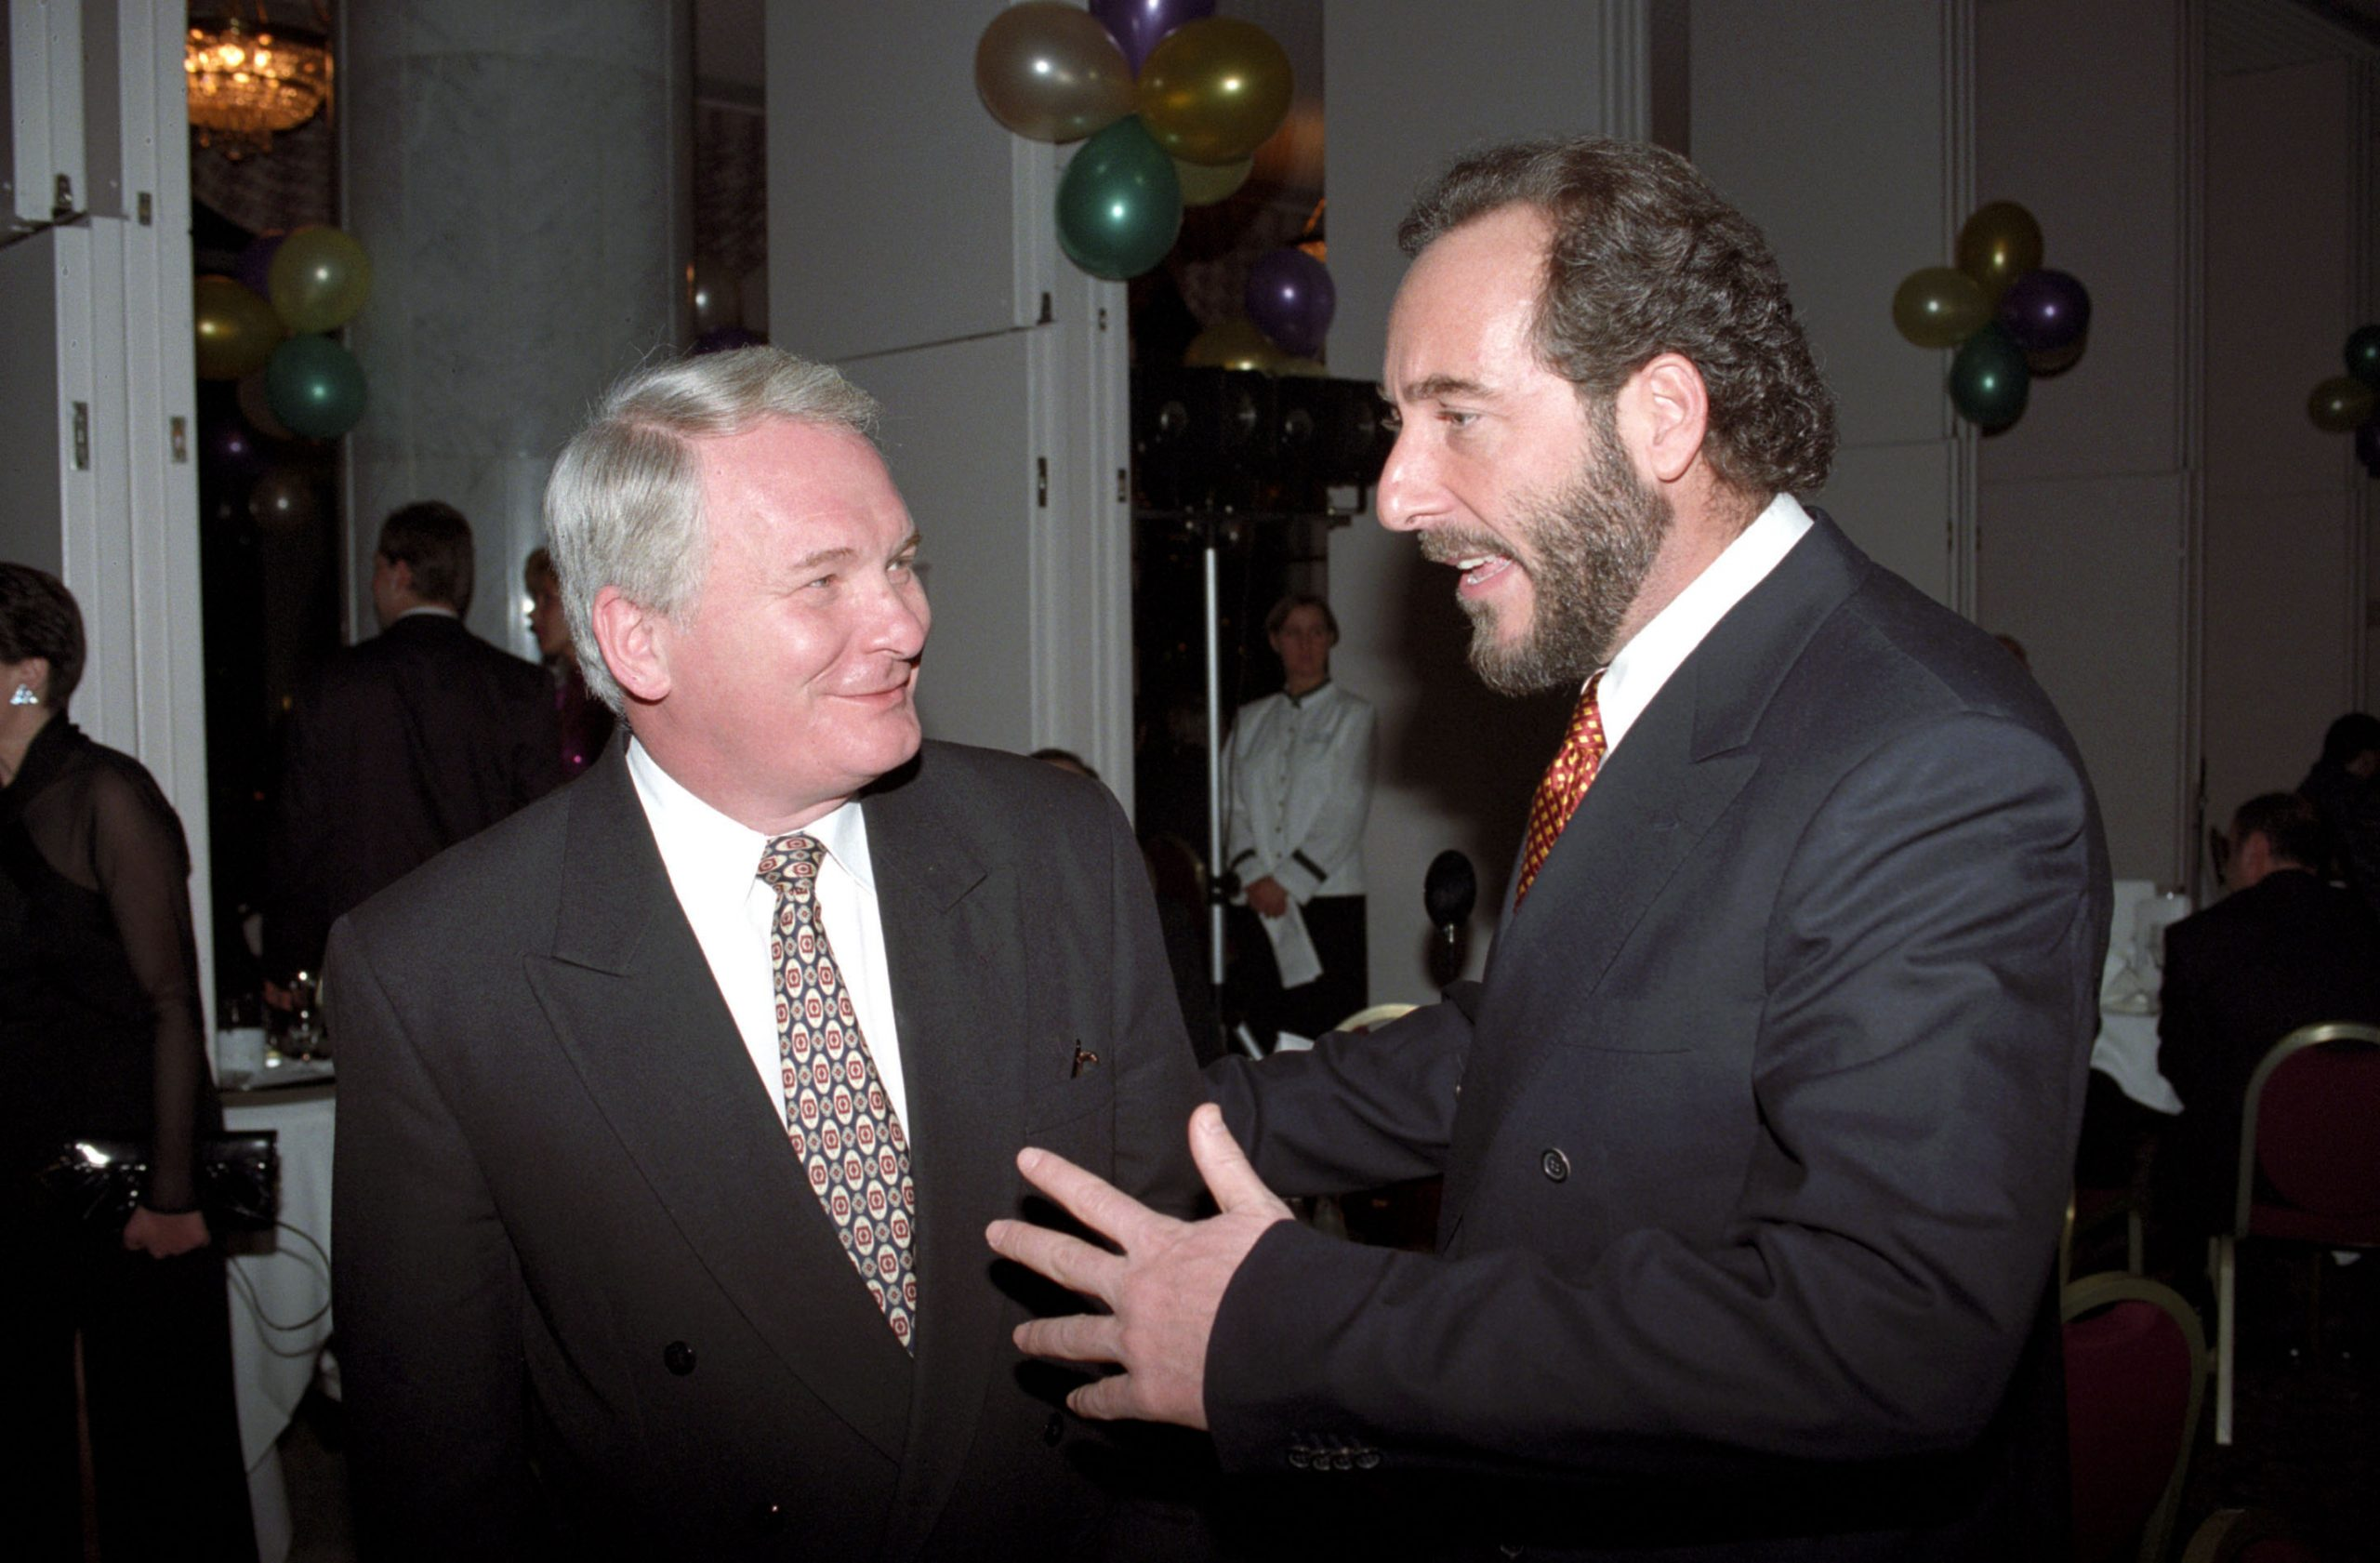 Gál Zoltán (MSZP), az Országgyûlés elnöke és Fenyõ János a VICO Rt. elnök-vezérigazgatója beszélget /Fotó: MTI